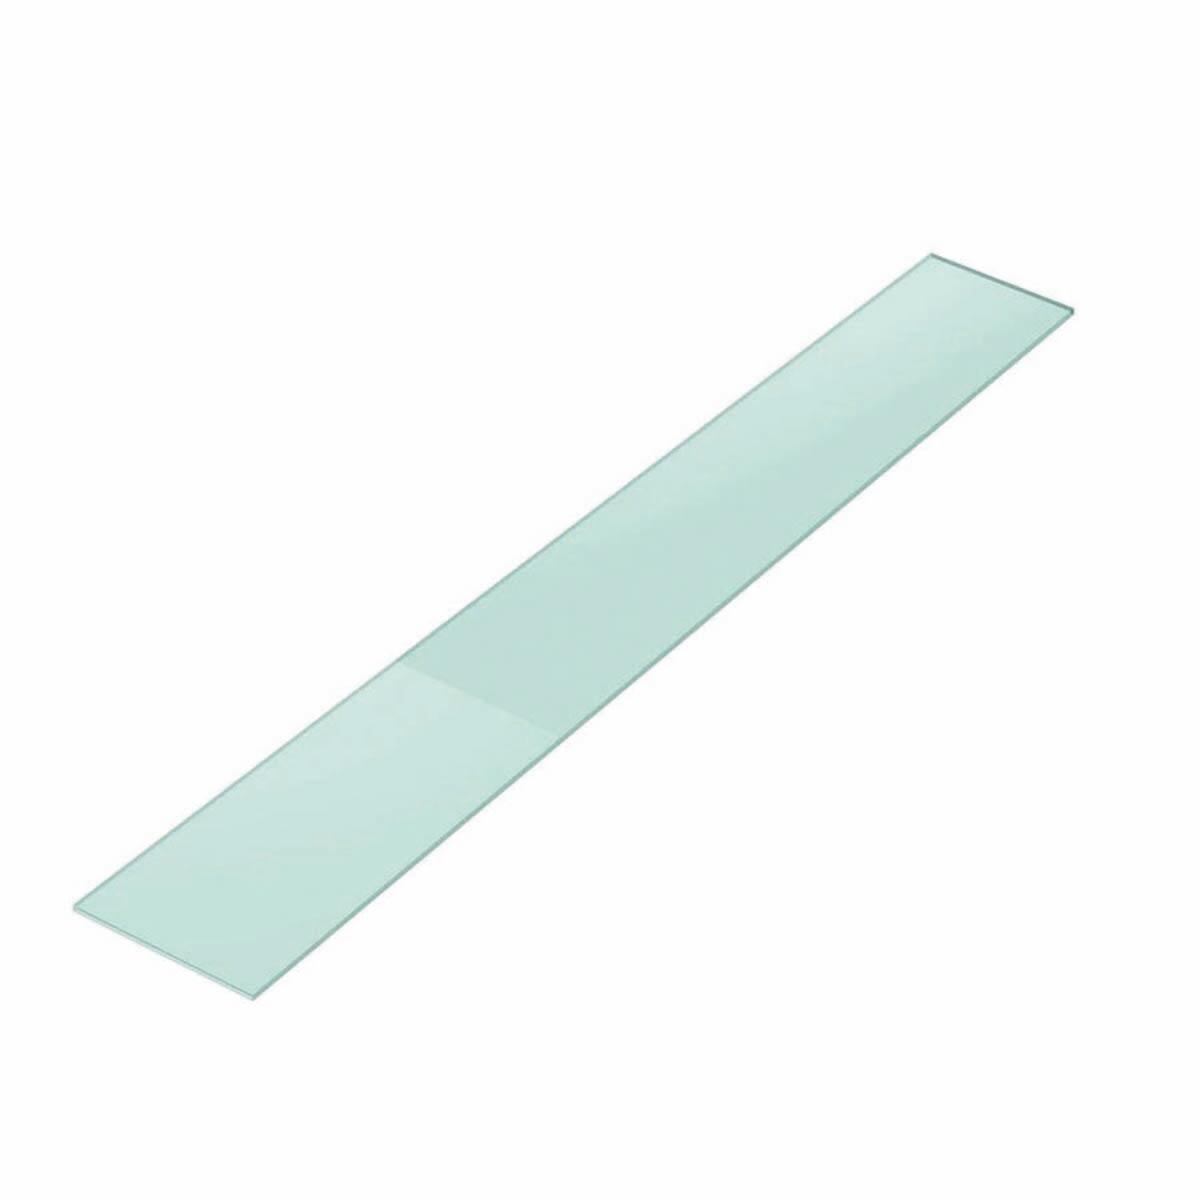 Vetro ripiano trasparente L 30 x H 200 cm, Sp 10 mm